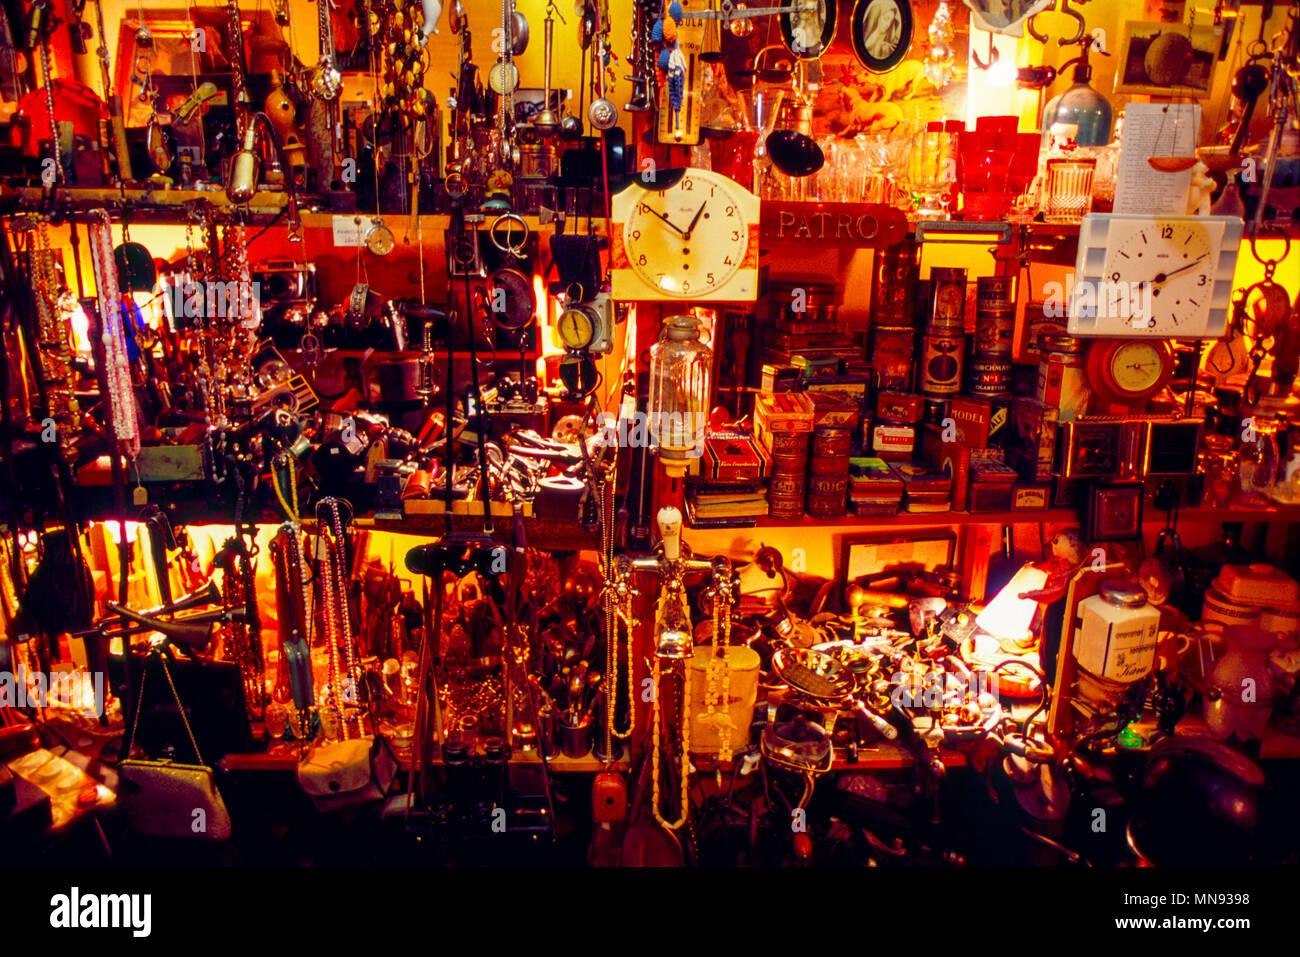 Prague, Czech Republic; Bric a brac shop in Mala Strana. - Stock Image